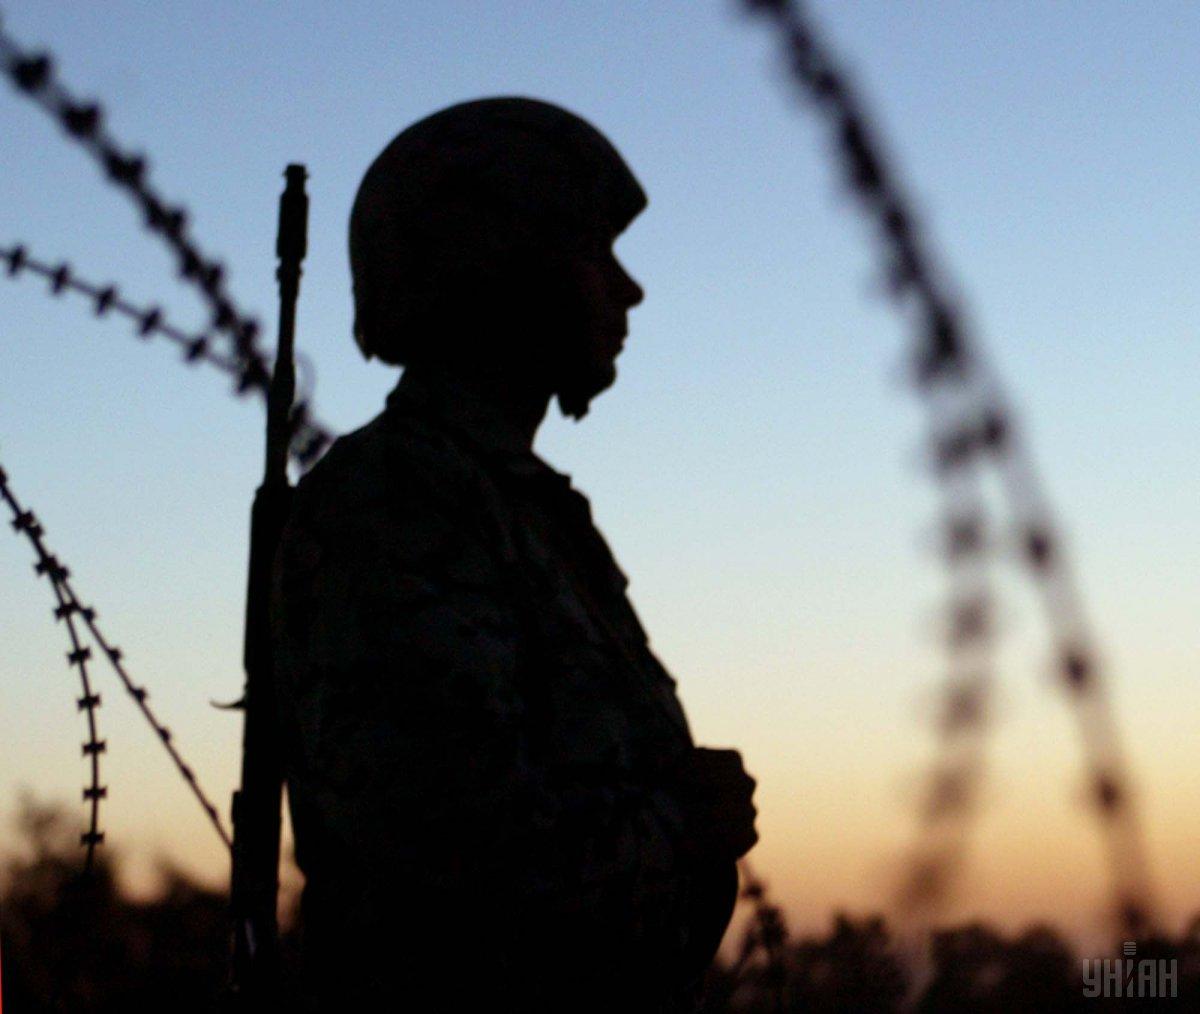 В зоне АТО из-за неосторожного обращения с оружием военнослужащий застрелил сослуживца / фото УНИАН